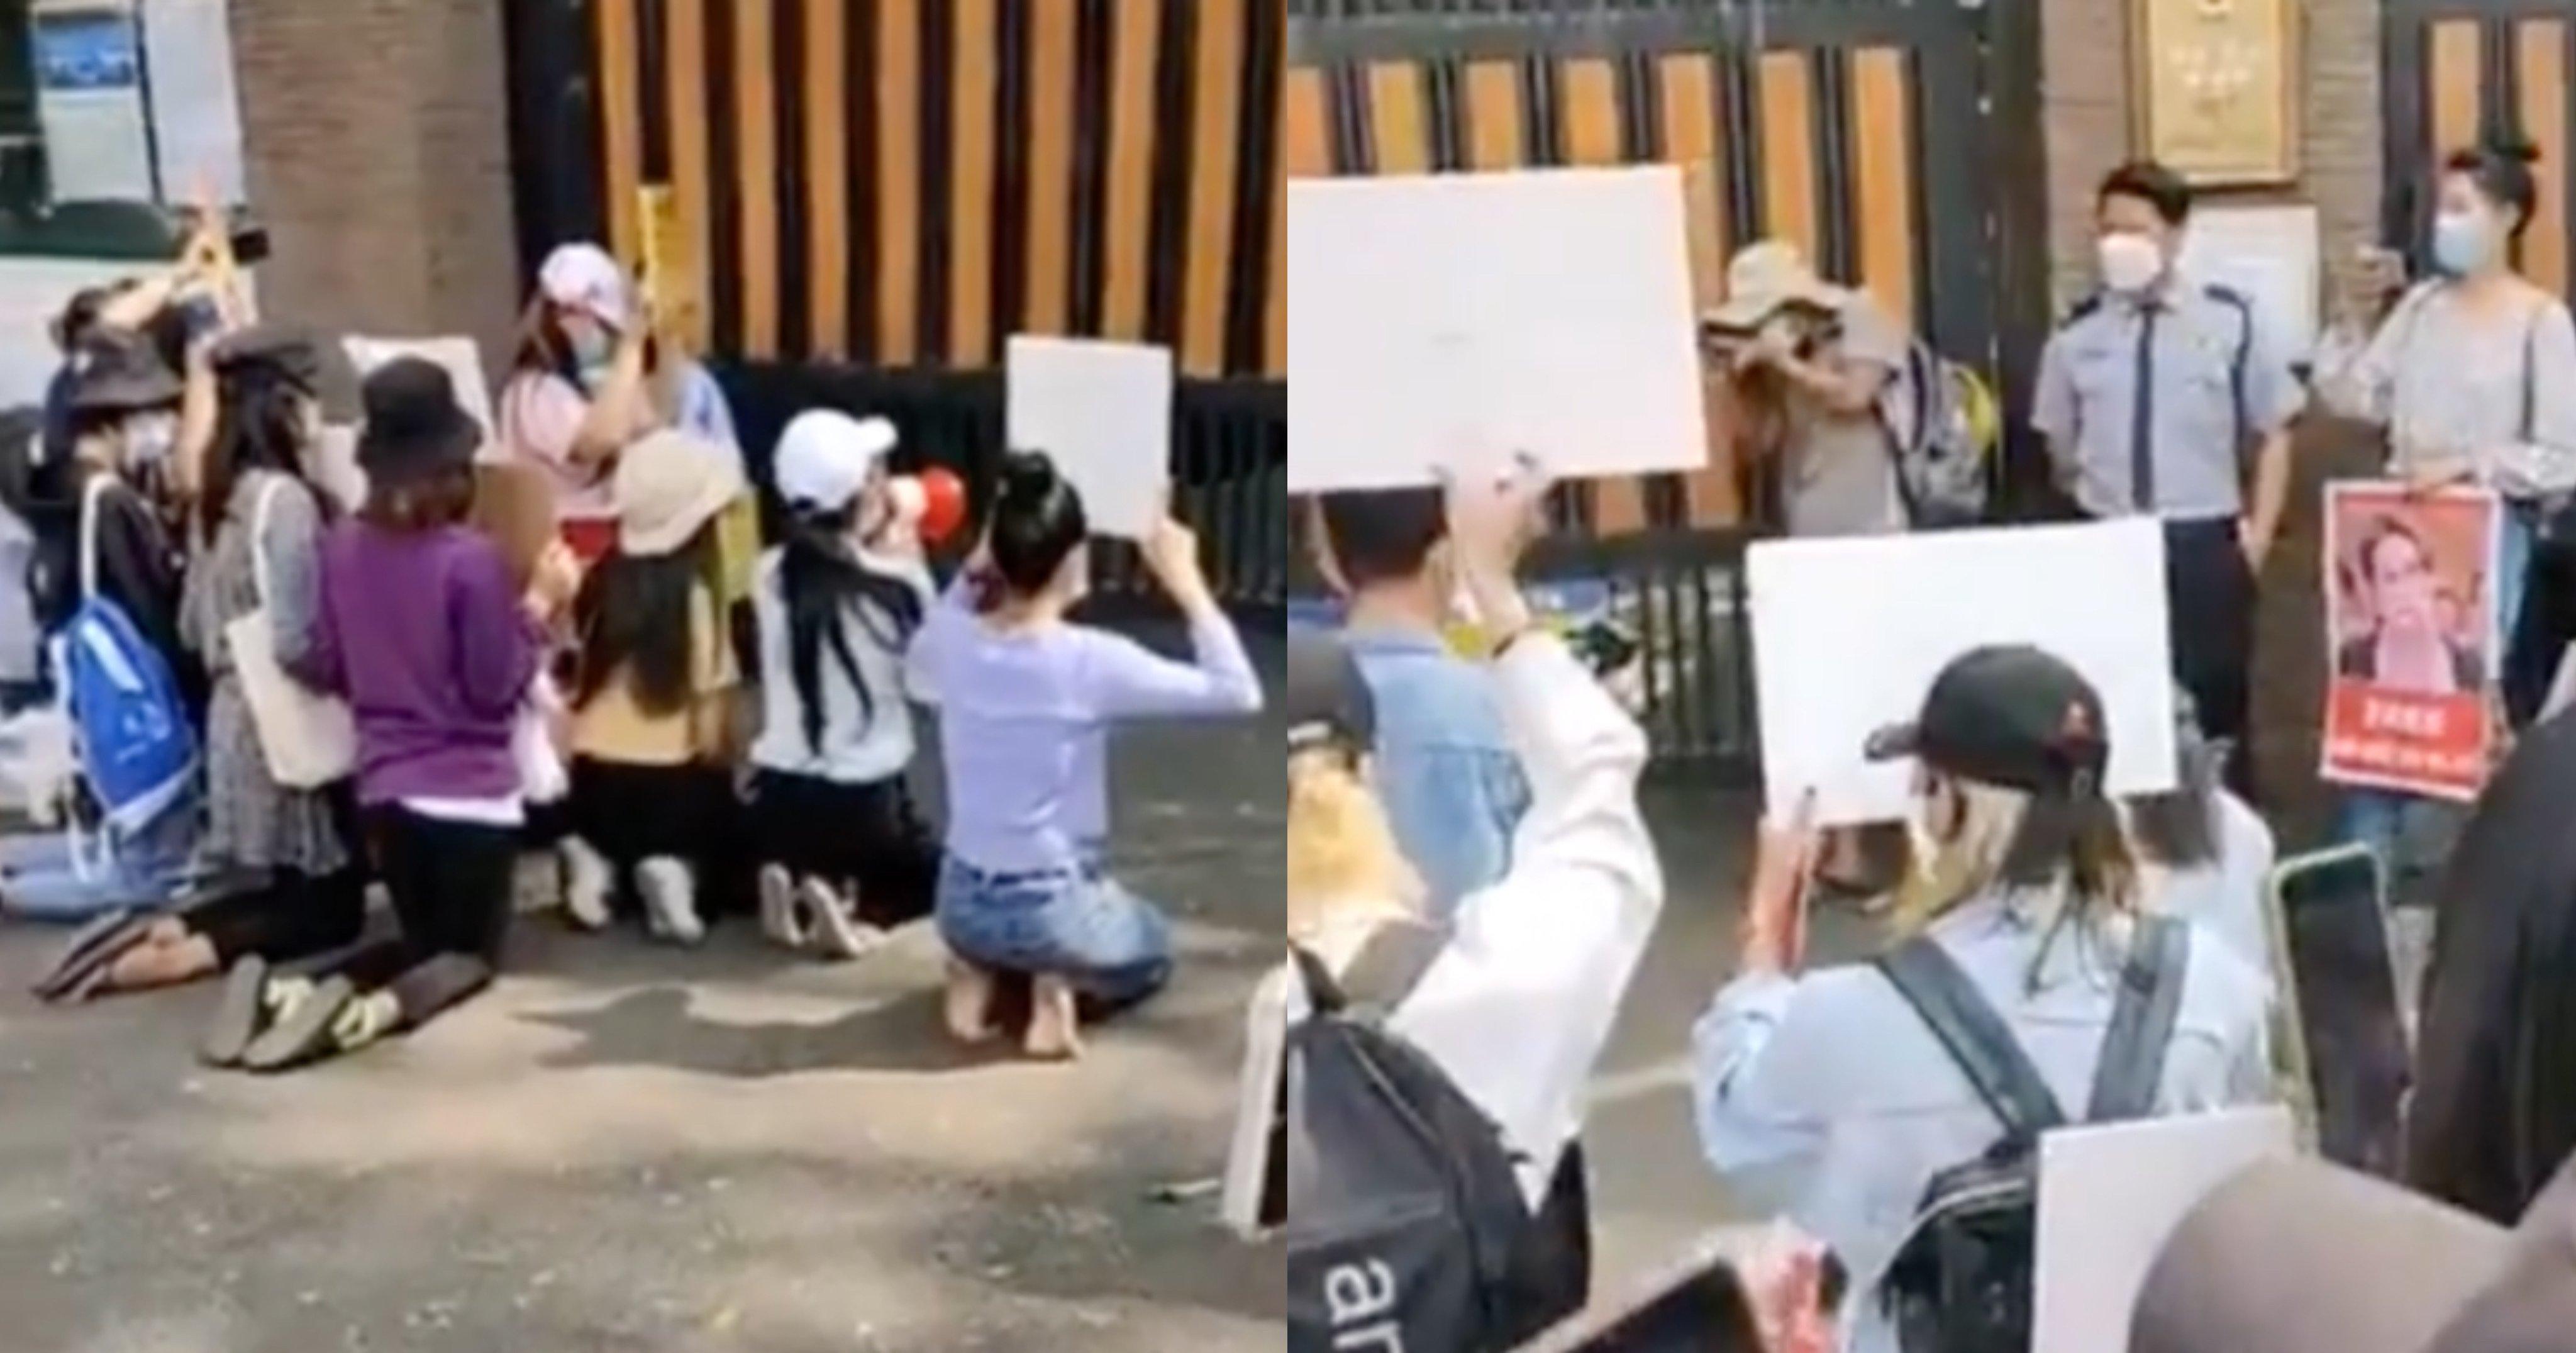 """b0d48518 ce71 4d9d a2bc 36abef0bf085.jpeg?resize=1200,630 - """"제발 도와주세요""""라며 한국말 하면서 한국대사관 앞에서 무릎 꿇고 있는 미얀마 시민들 (영상)"""